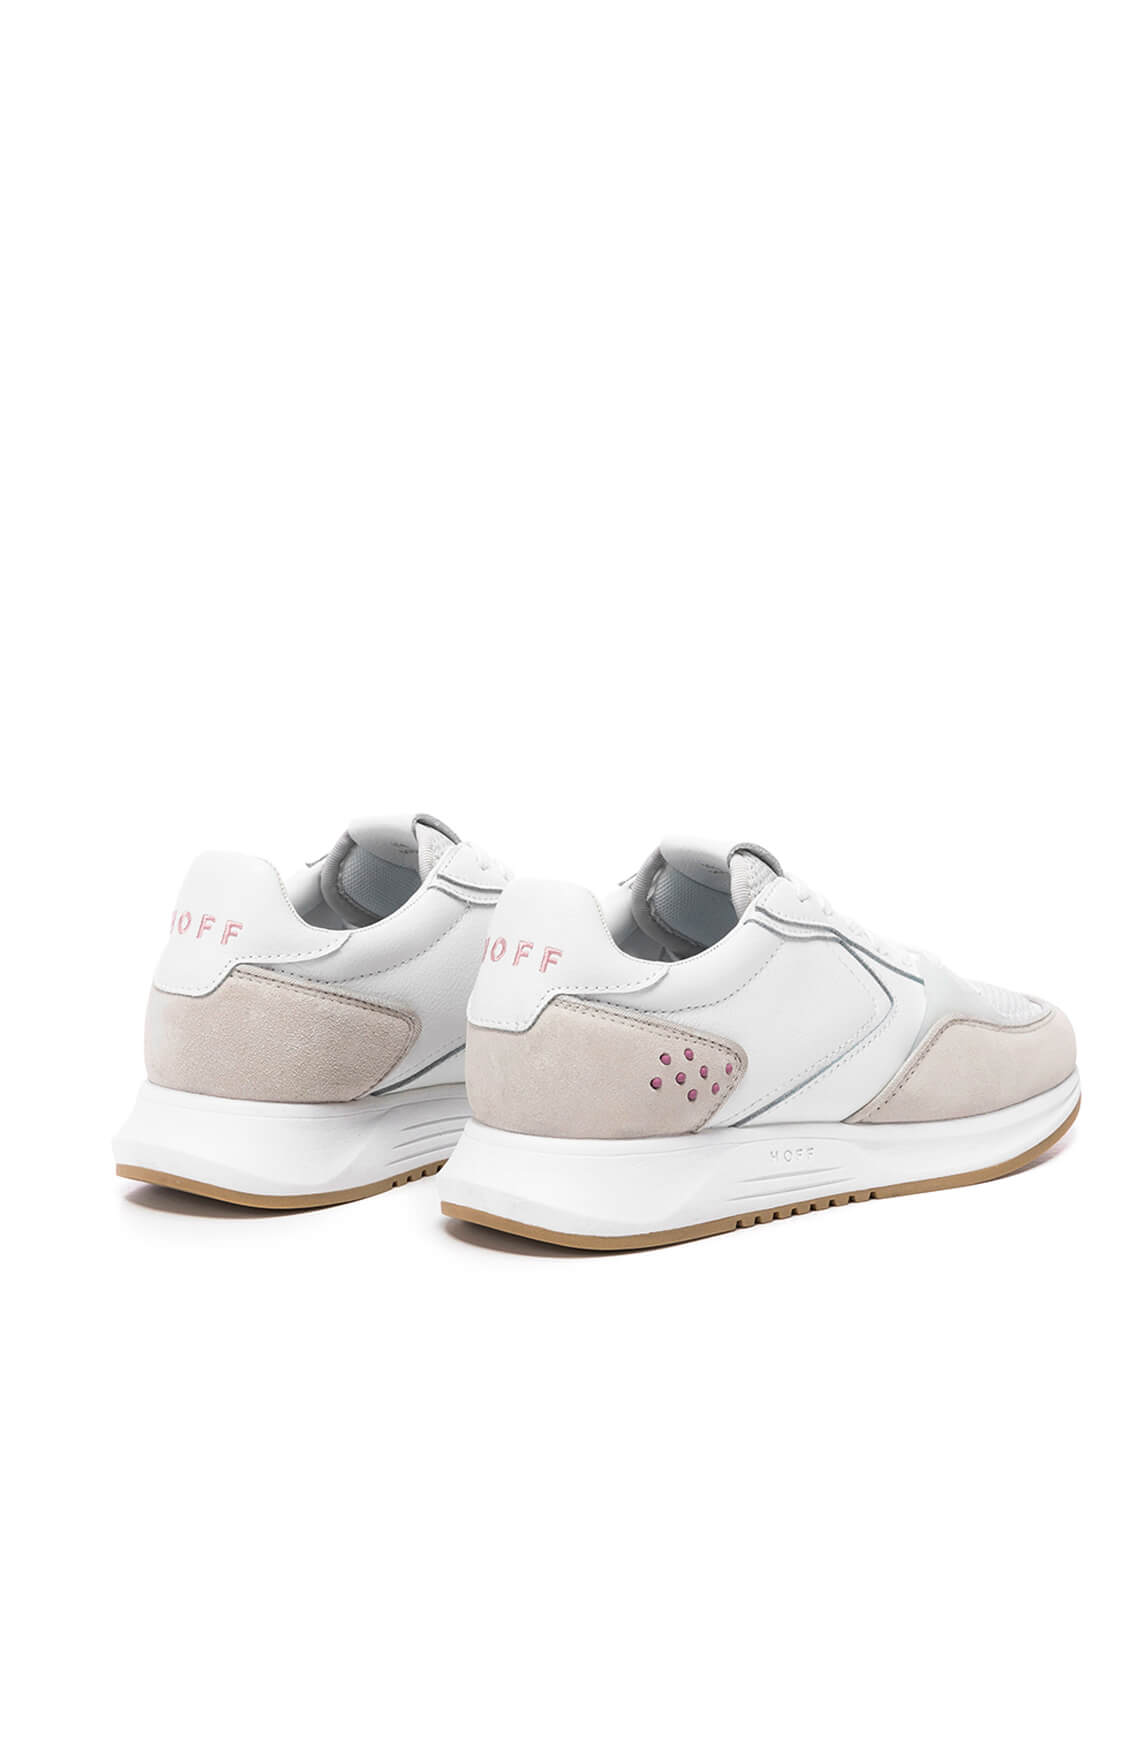 Hoff Dames Sneaker wit